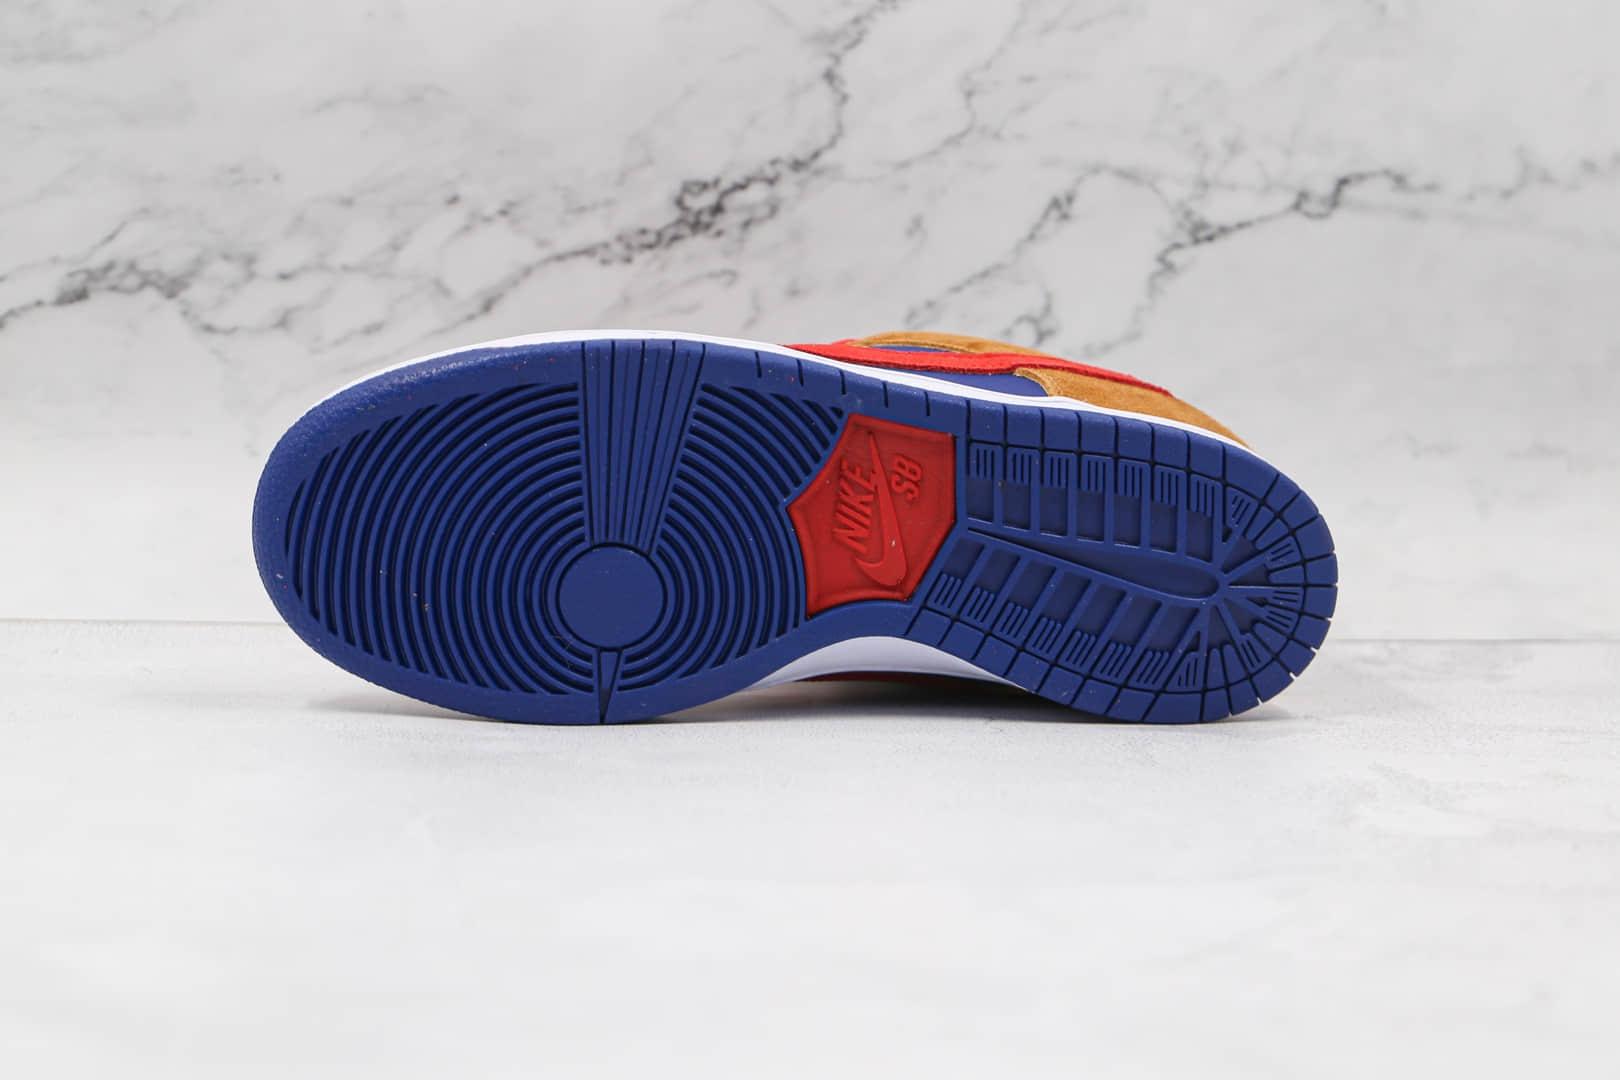 耐克NIKE SB DUNK HI DECON纯原版本低帮SB DUNK黄蓝红拼色板鞋内置气垫 货号:BQ6817-700